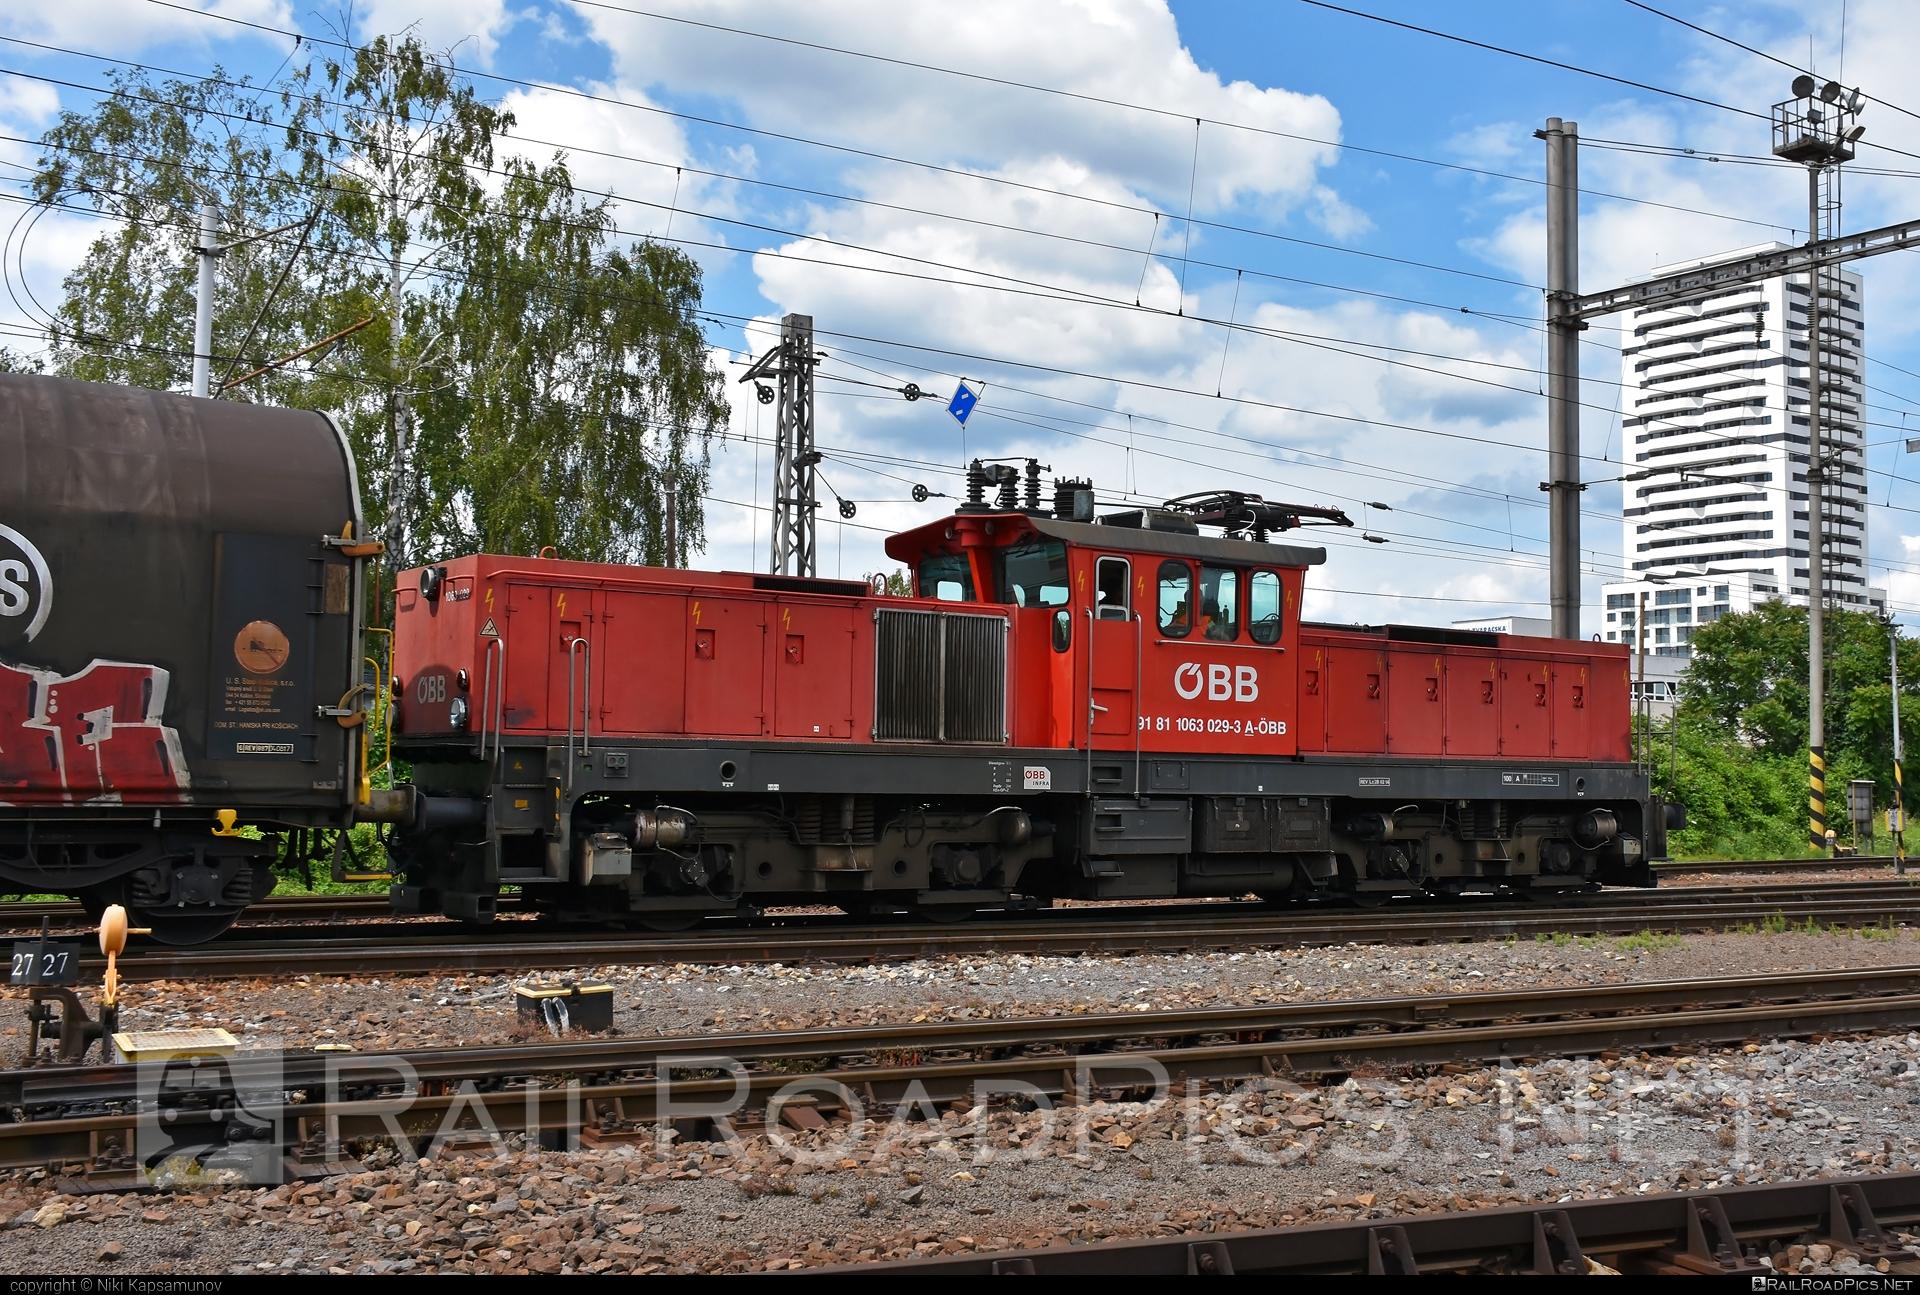 SGP ÖBB Class 1063 - 1063 029 operated by Rail Cargo Austria AG #obb #obb1063 #obbclass1063 #osterreichischebundesbahnen #rcw #sgp #sgp1063 #simmeringgrazpauker